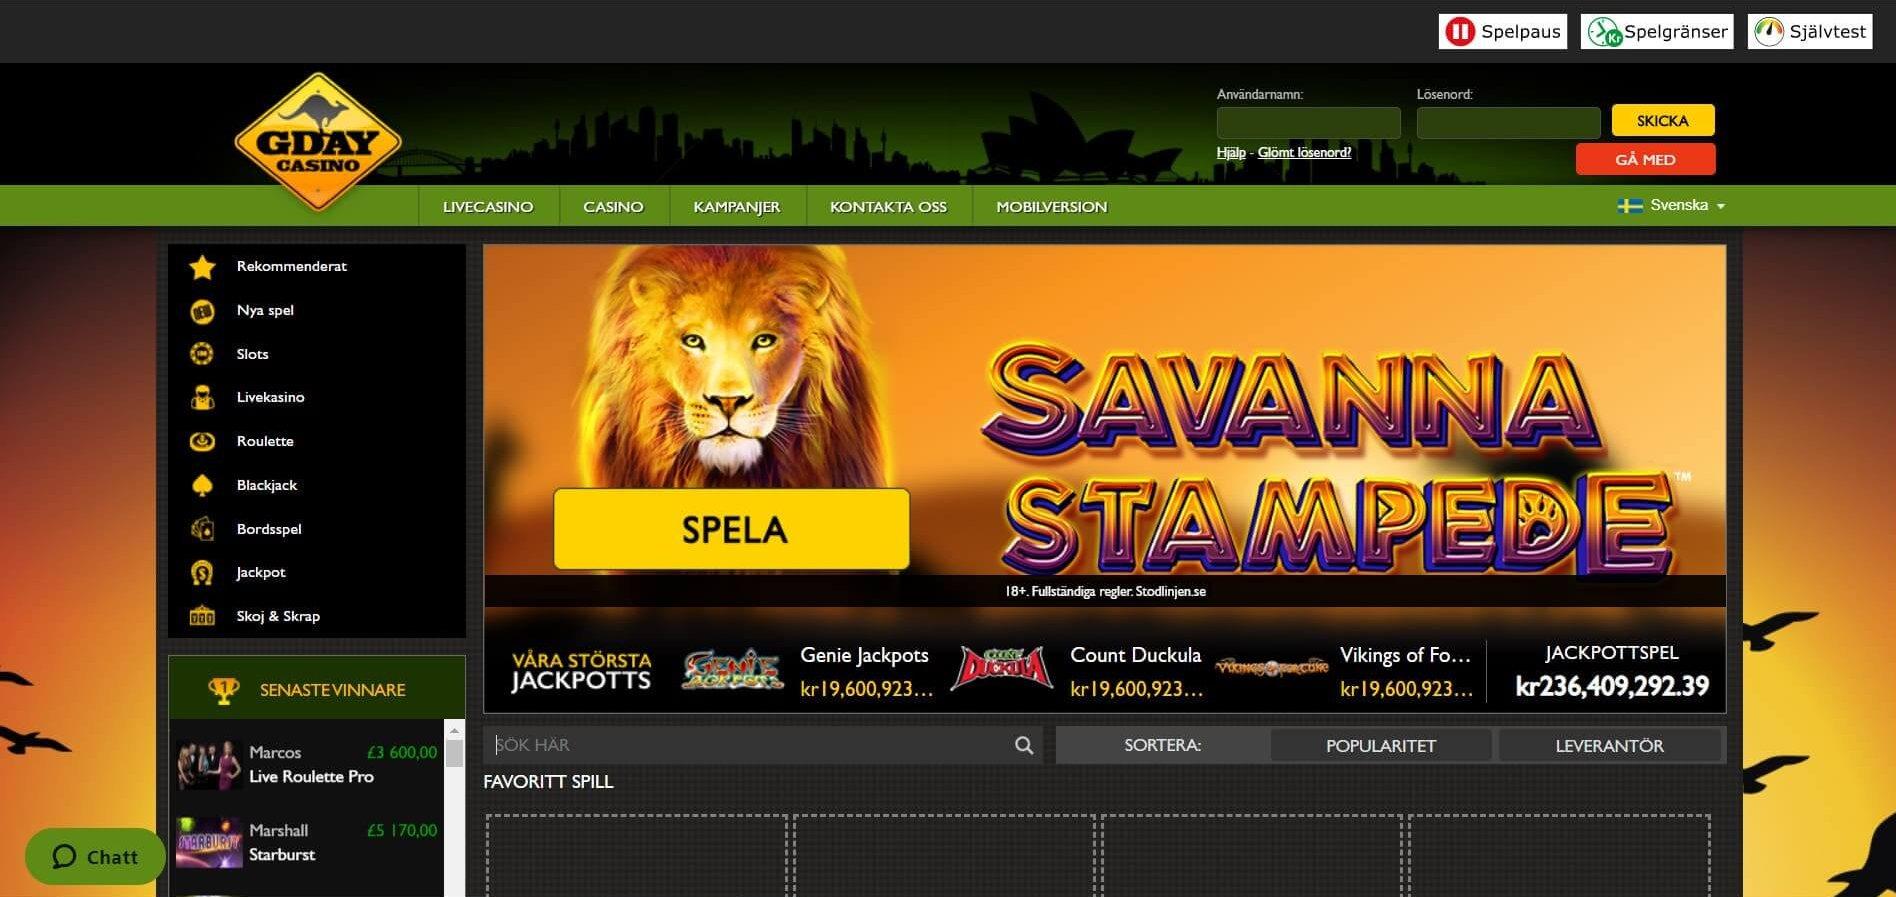 Bästa Skraplotterna Gday casino 43895